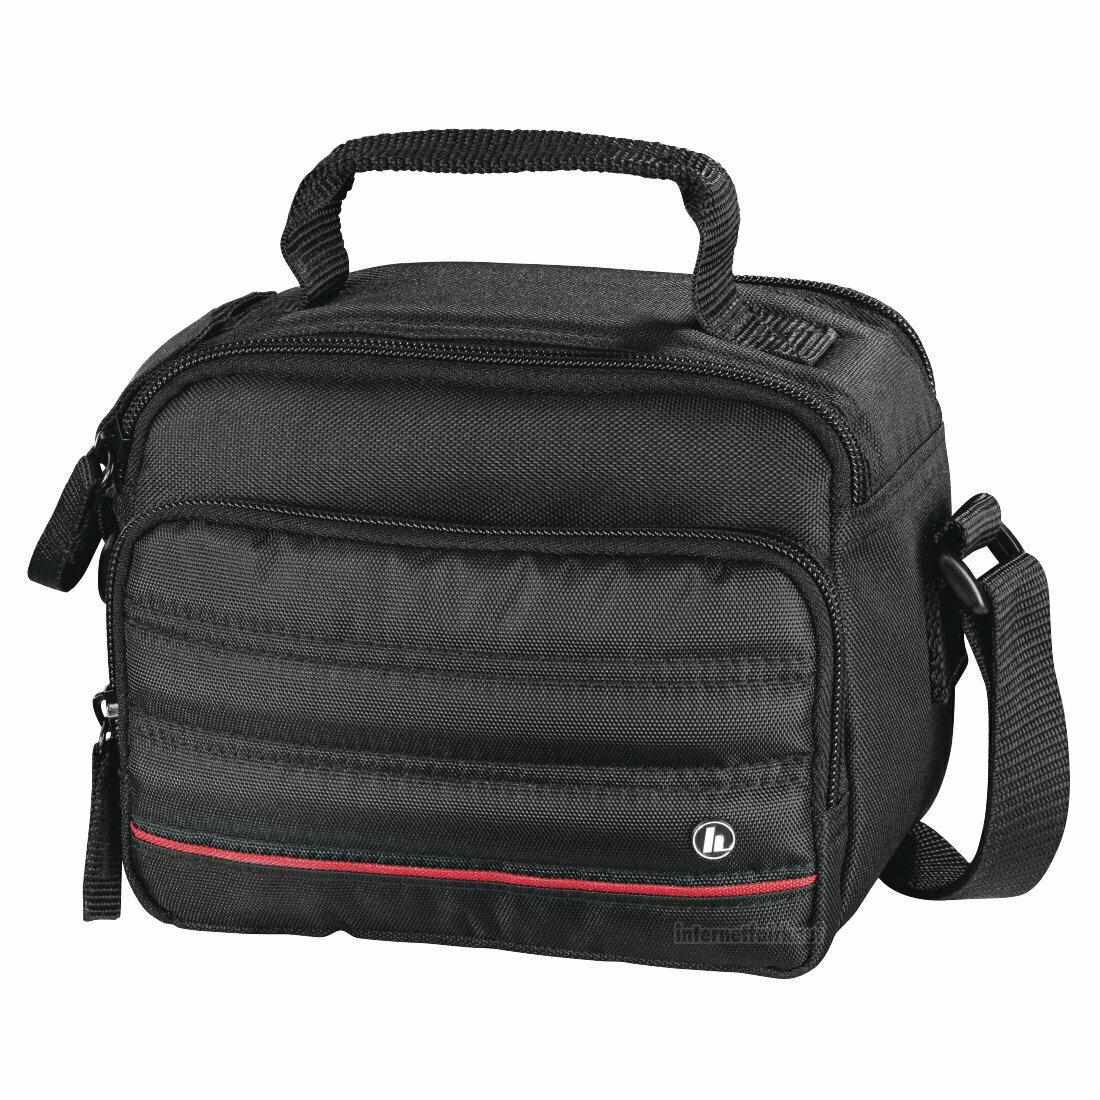 Fototasche Kameratasche passend für Nikon D5500 D5300 und 18-55mm Objektiv